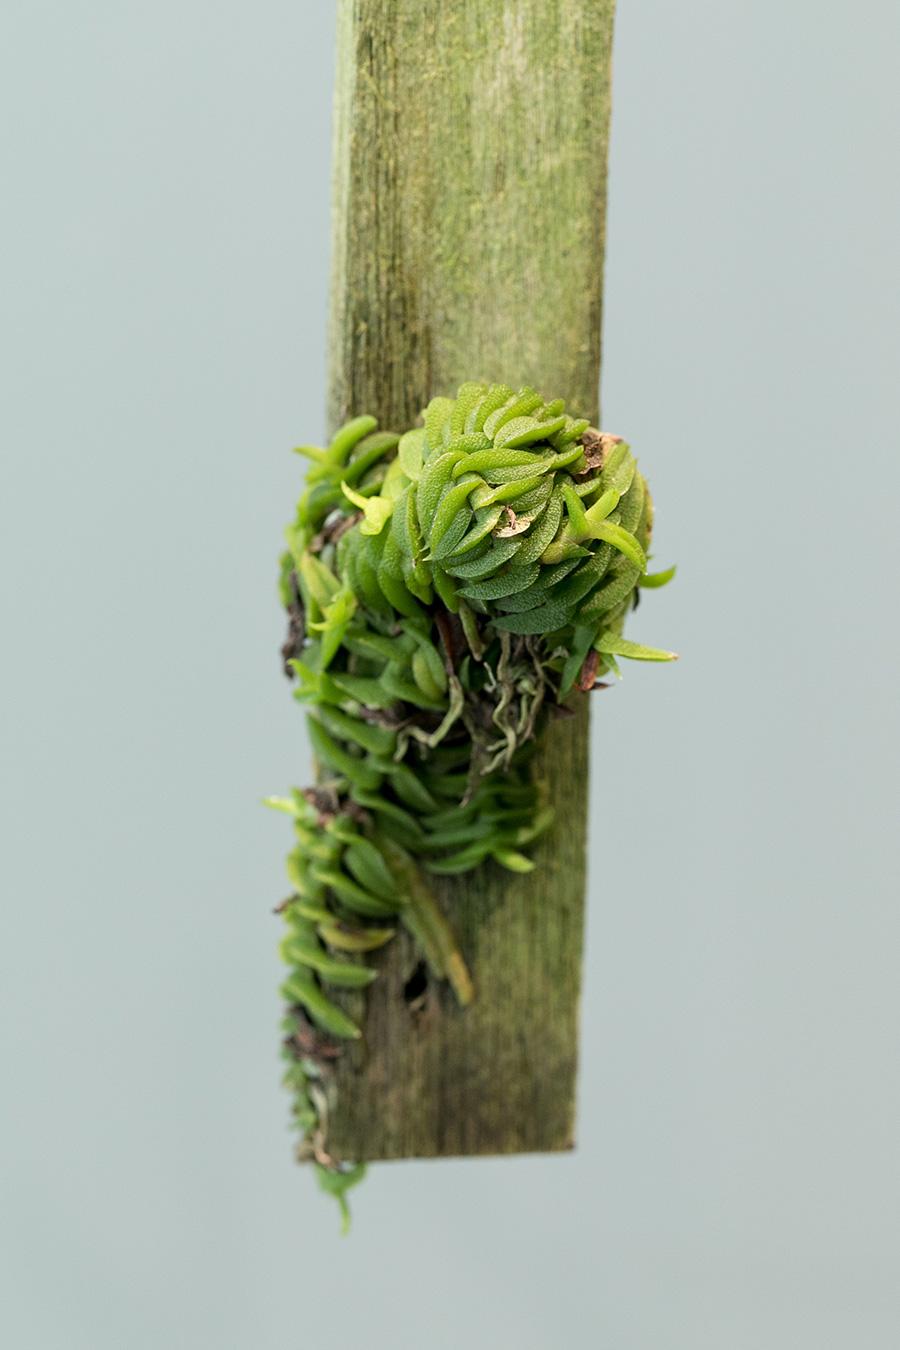 [Schoenorchis Scolopendria]とっても小さなラン。木を這うように成長する独特なカタチがおもしろい。成長はゆっくりだが育てやすい。木が乾いてきたらこまめに水を与える。秋に小さな花をつける。